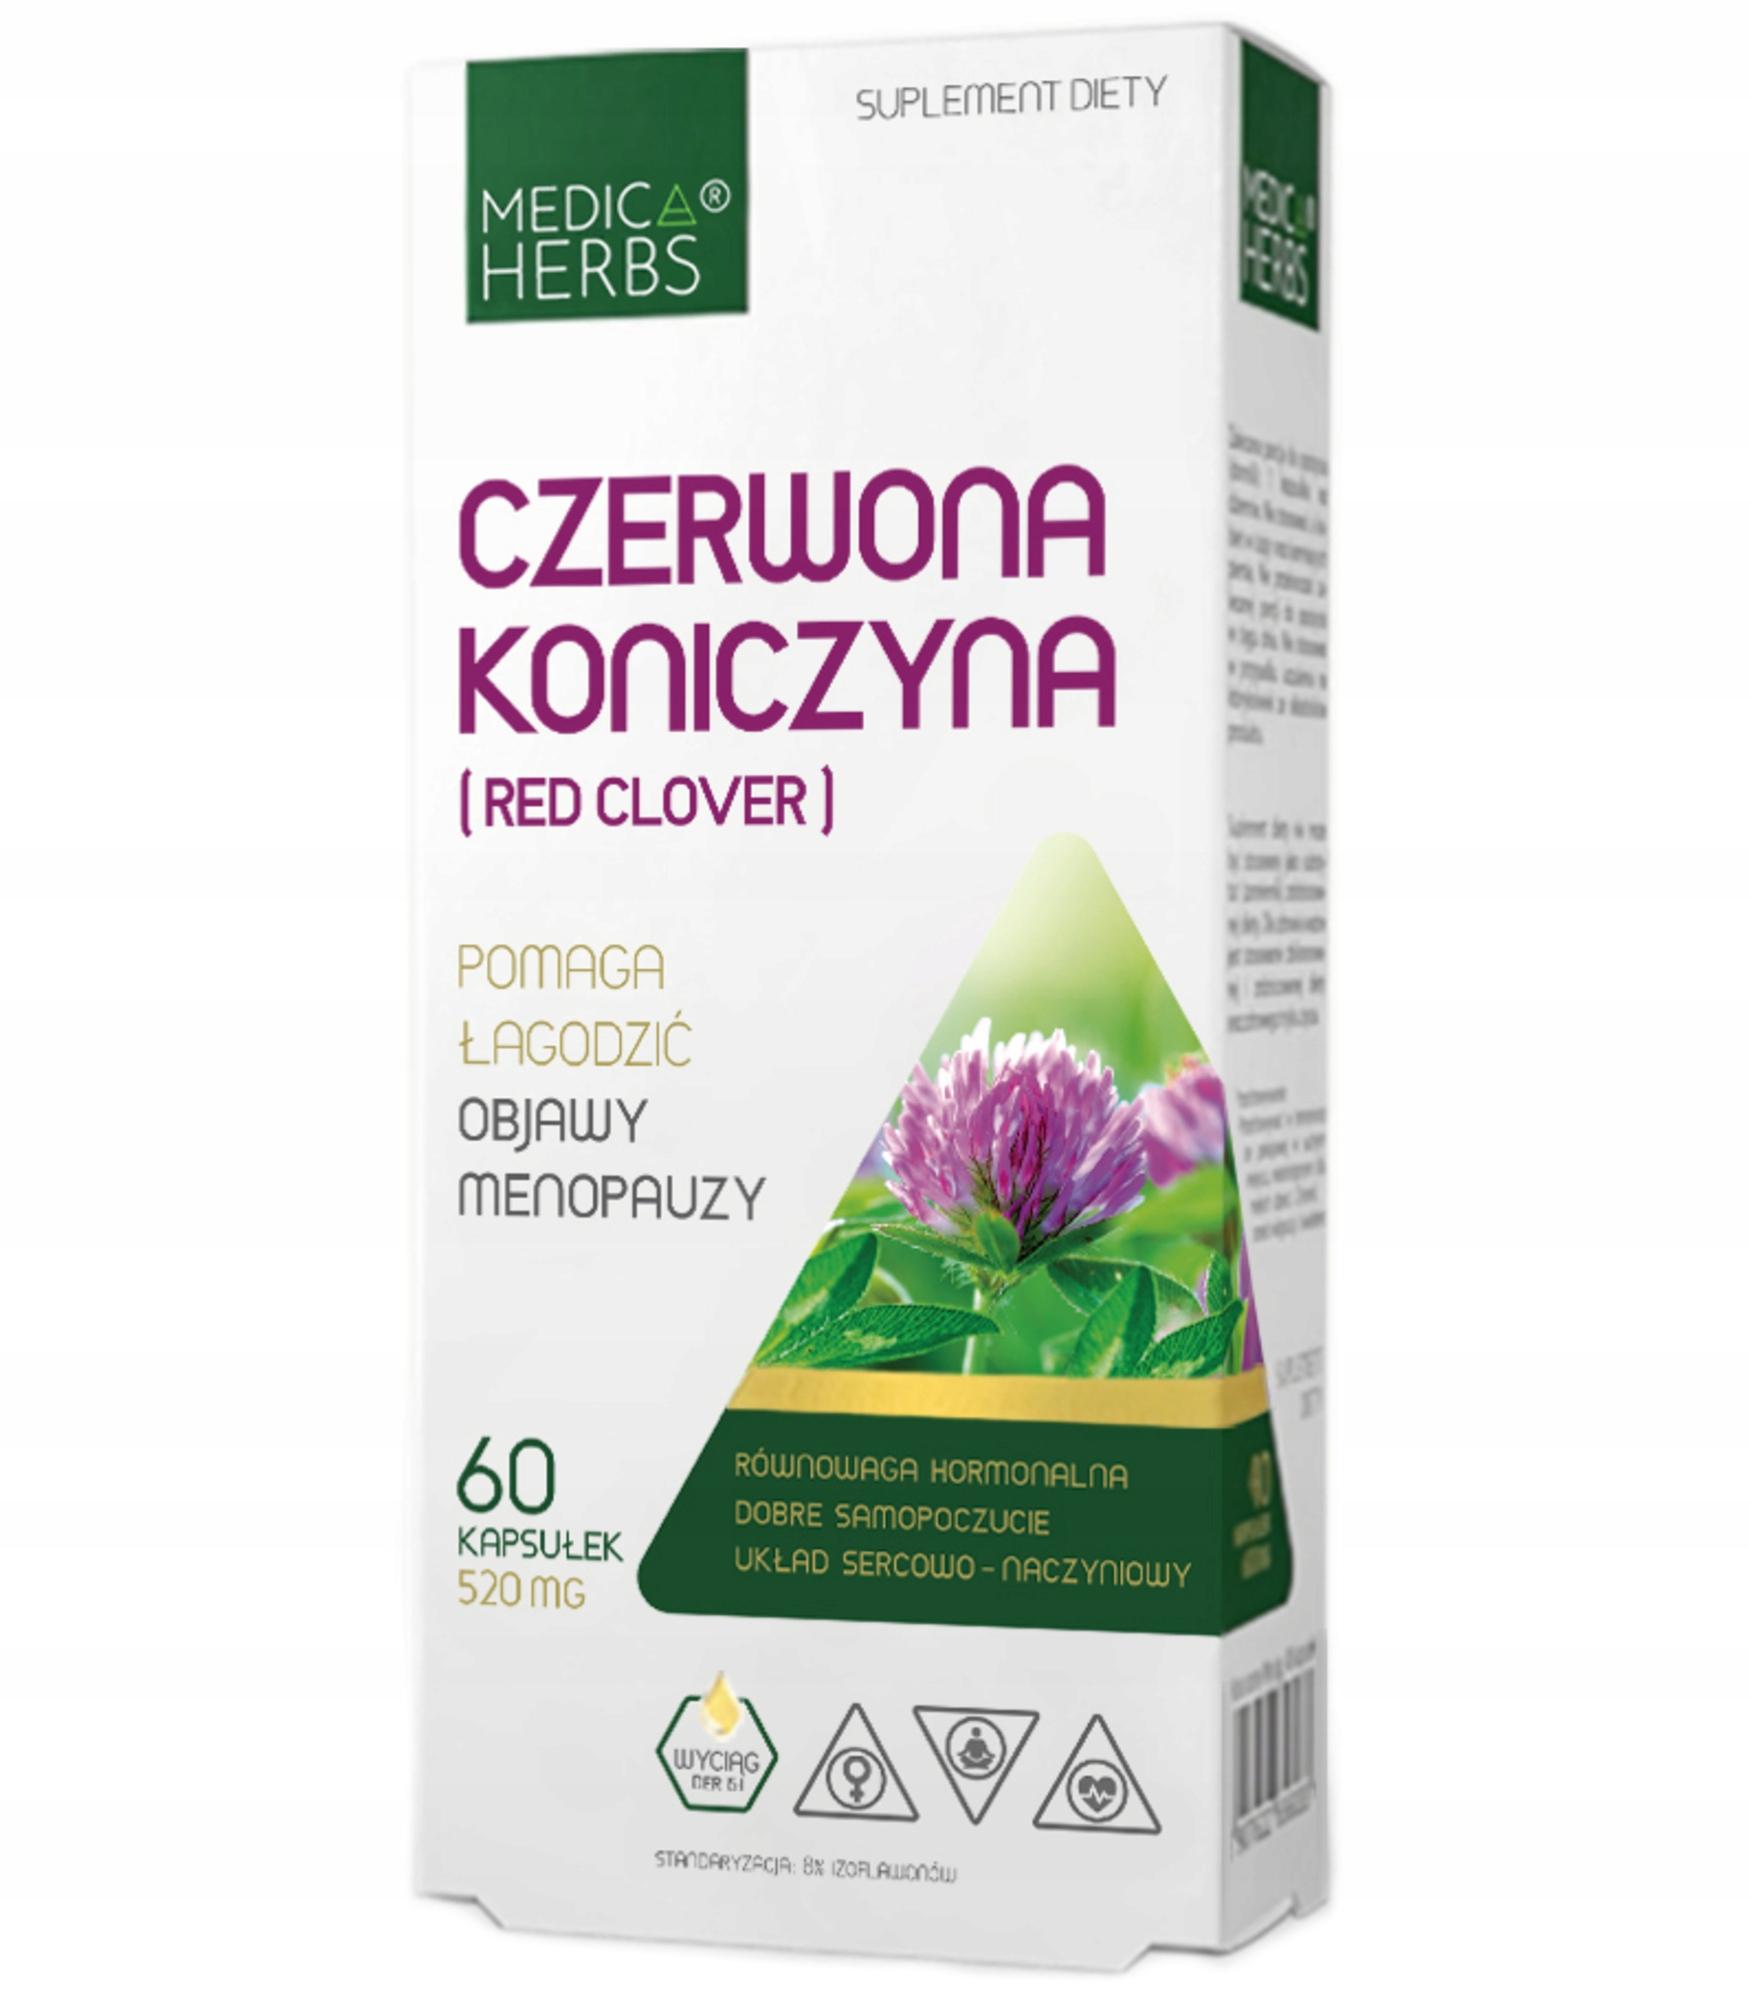 Medica CZERWONA KONICZYNA menopauza Red Clover